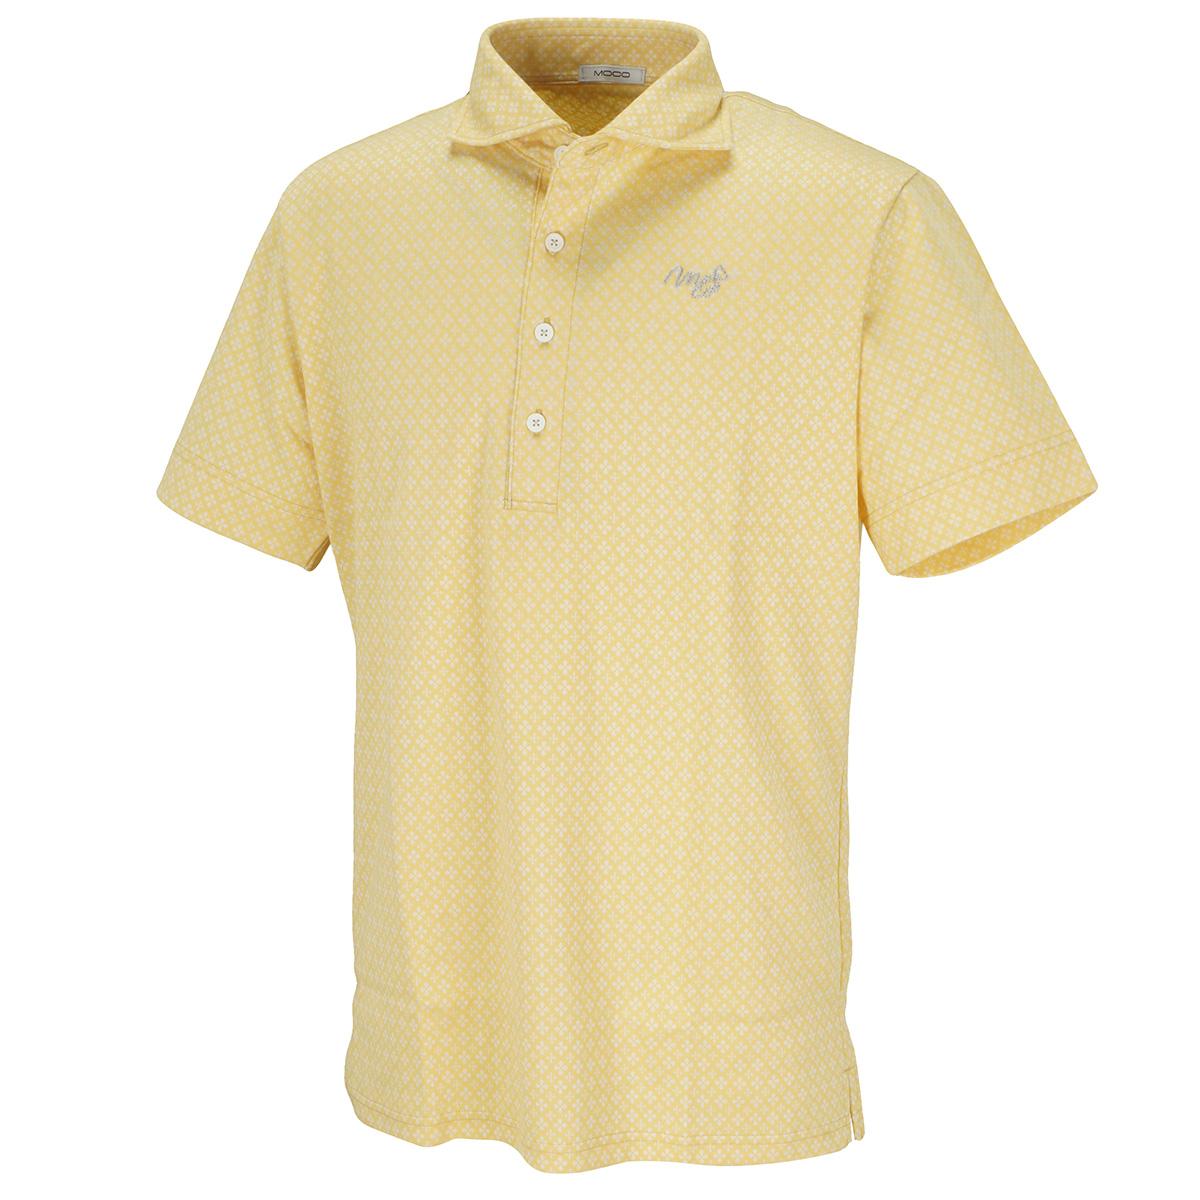 ジオメトリックジャカード 半袖ポロシャツ